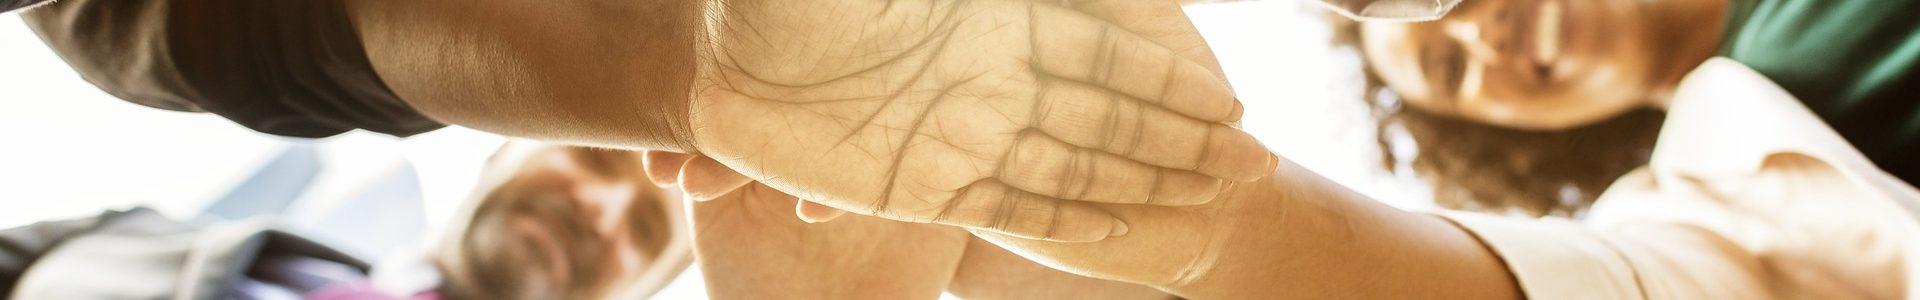 Gens hommes femmes se serrant la main dehors au soleil